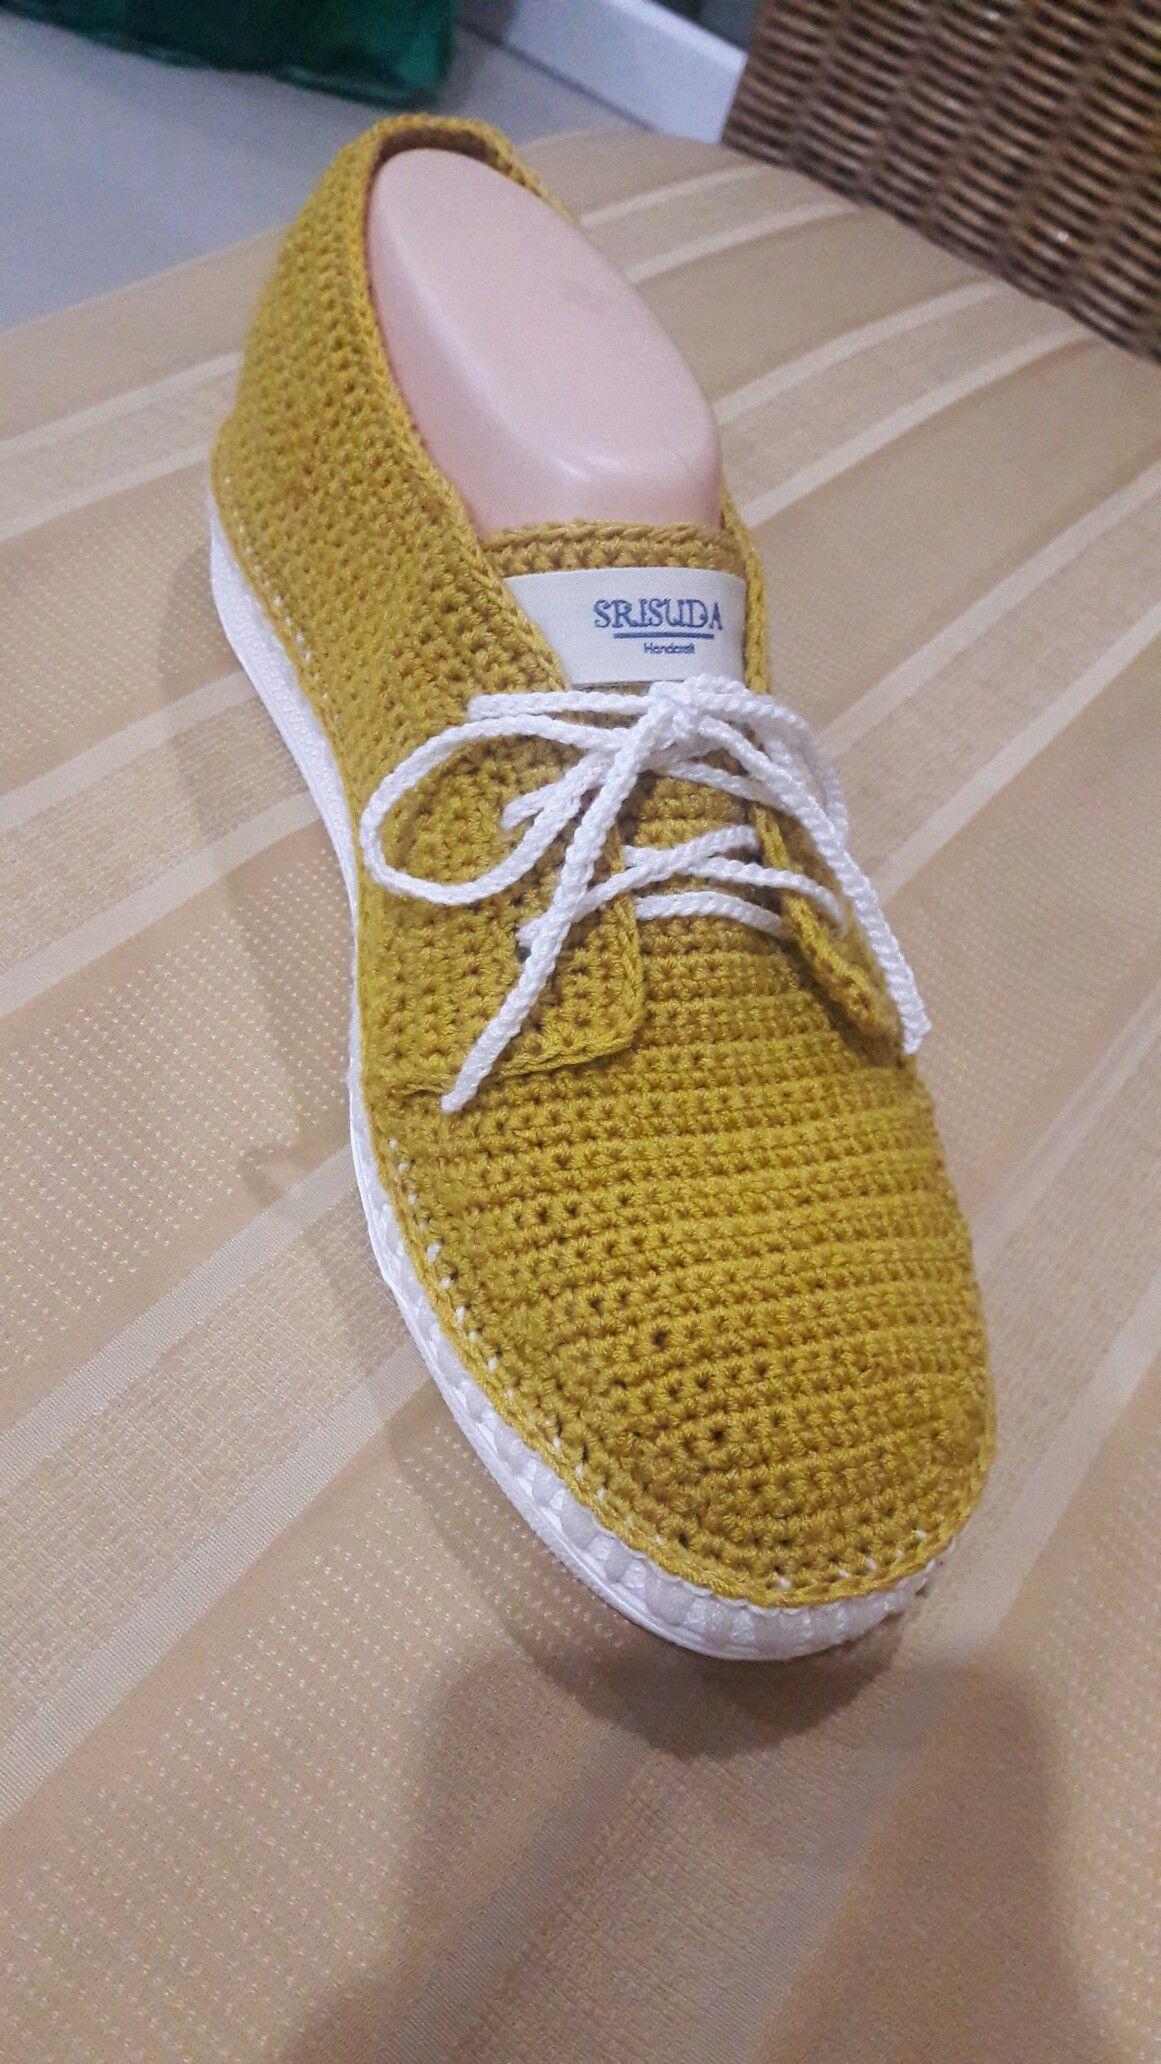 Pin von Srisuda Bailey auf my crochet shoes | Pinterest | Pantoffeln ...